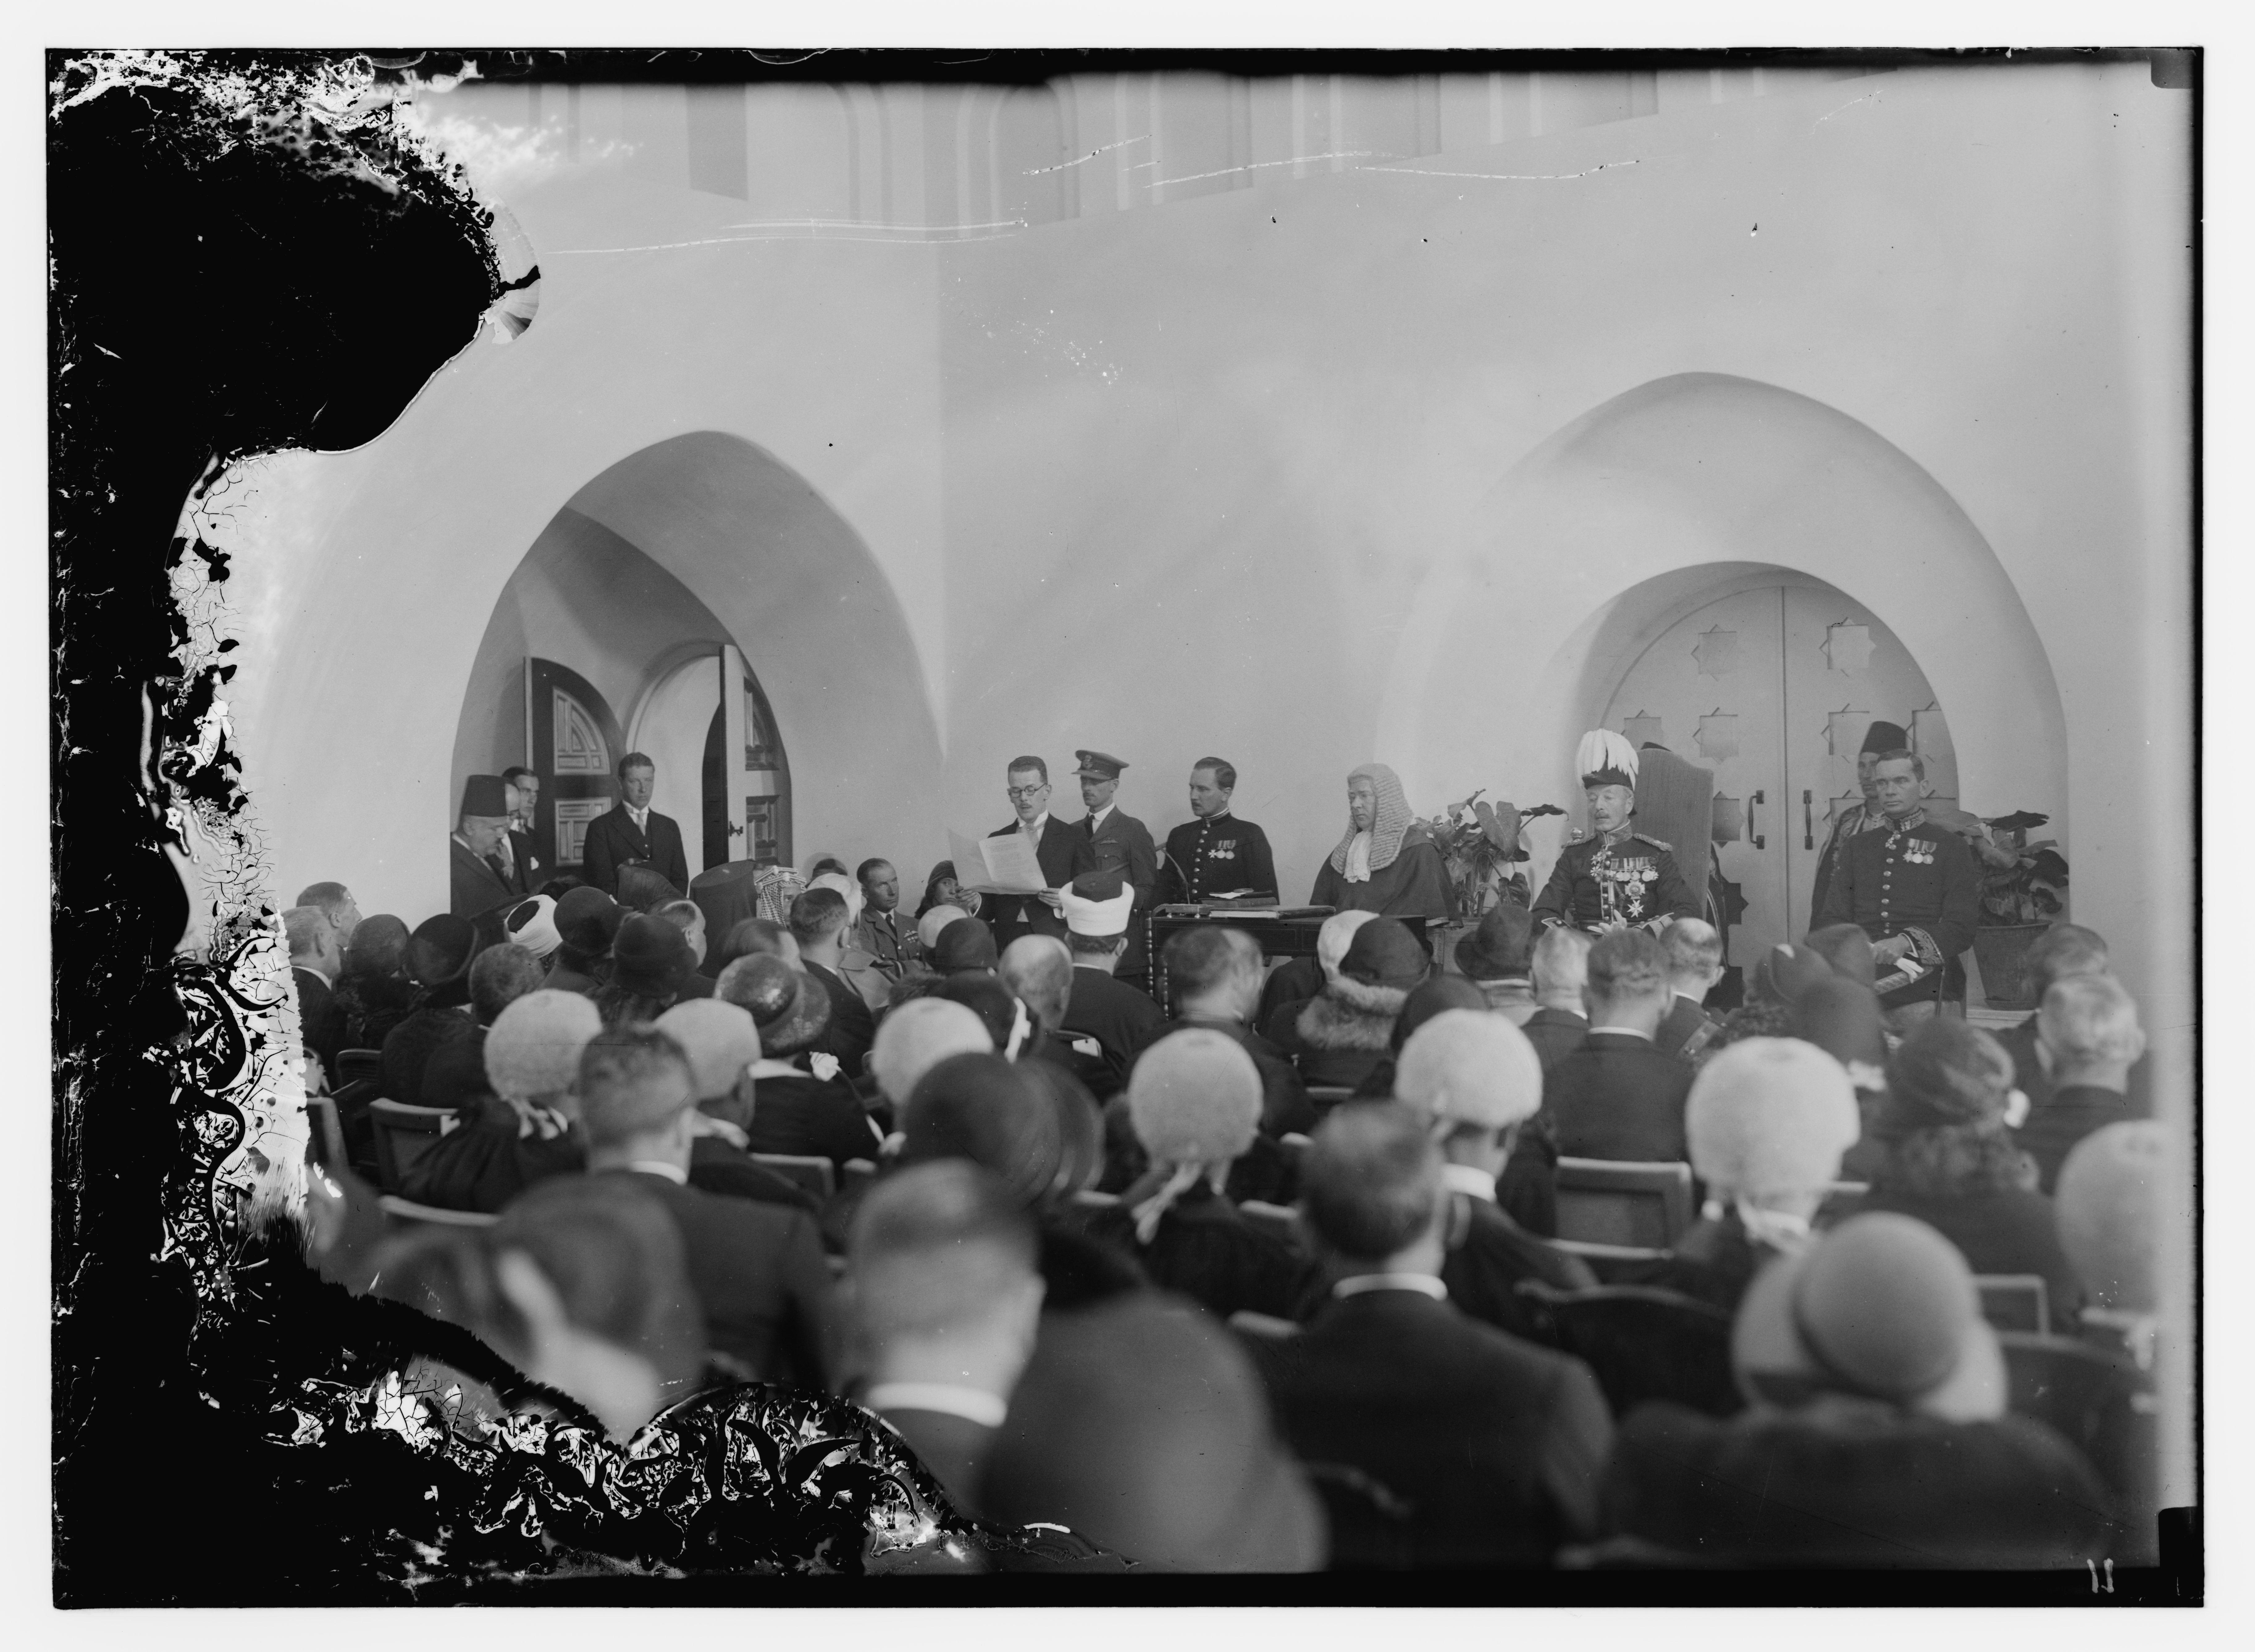 1931. Прибытие сэра Артура Гренфелла Уоучопа в качестве Верховного комиссара Палестины